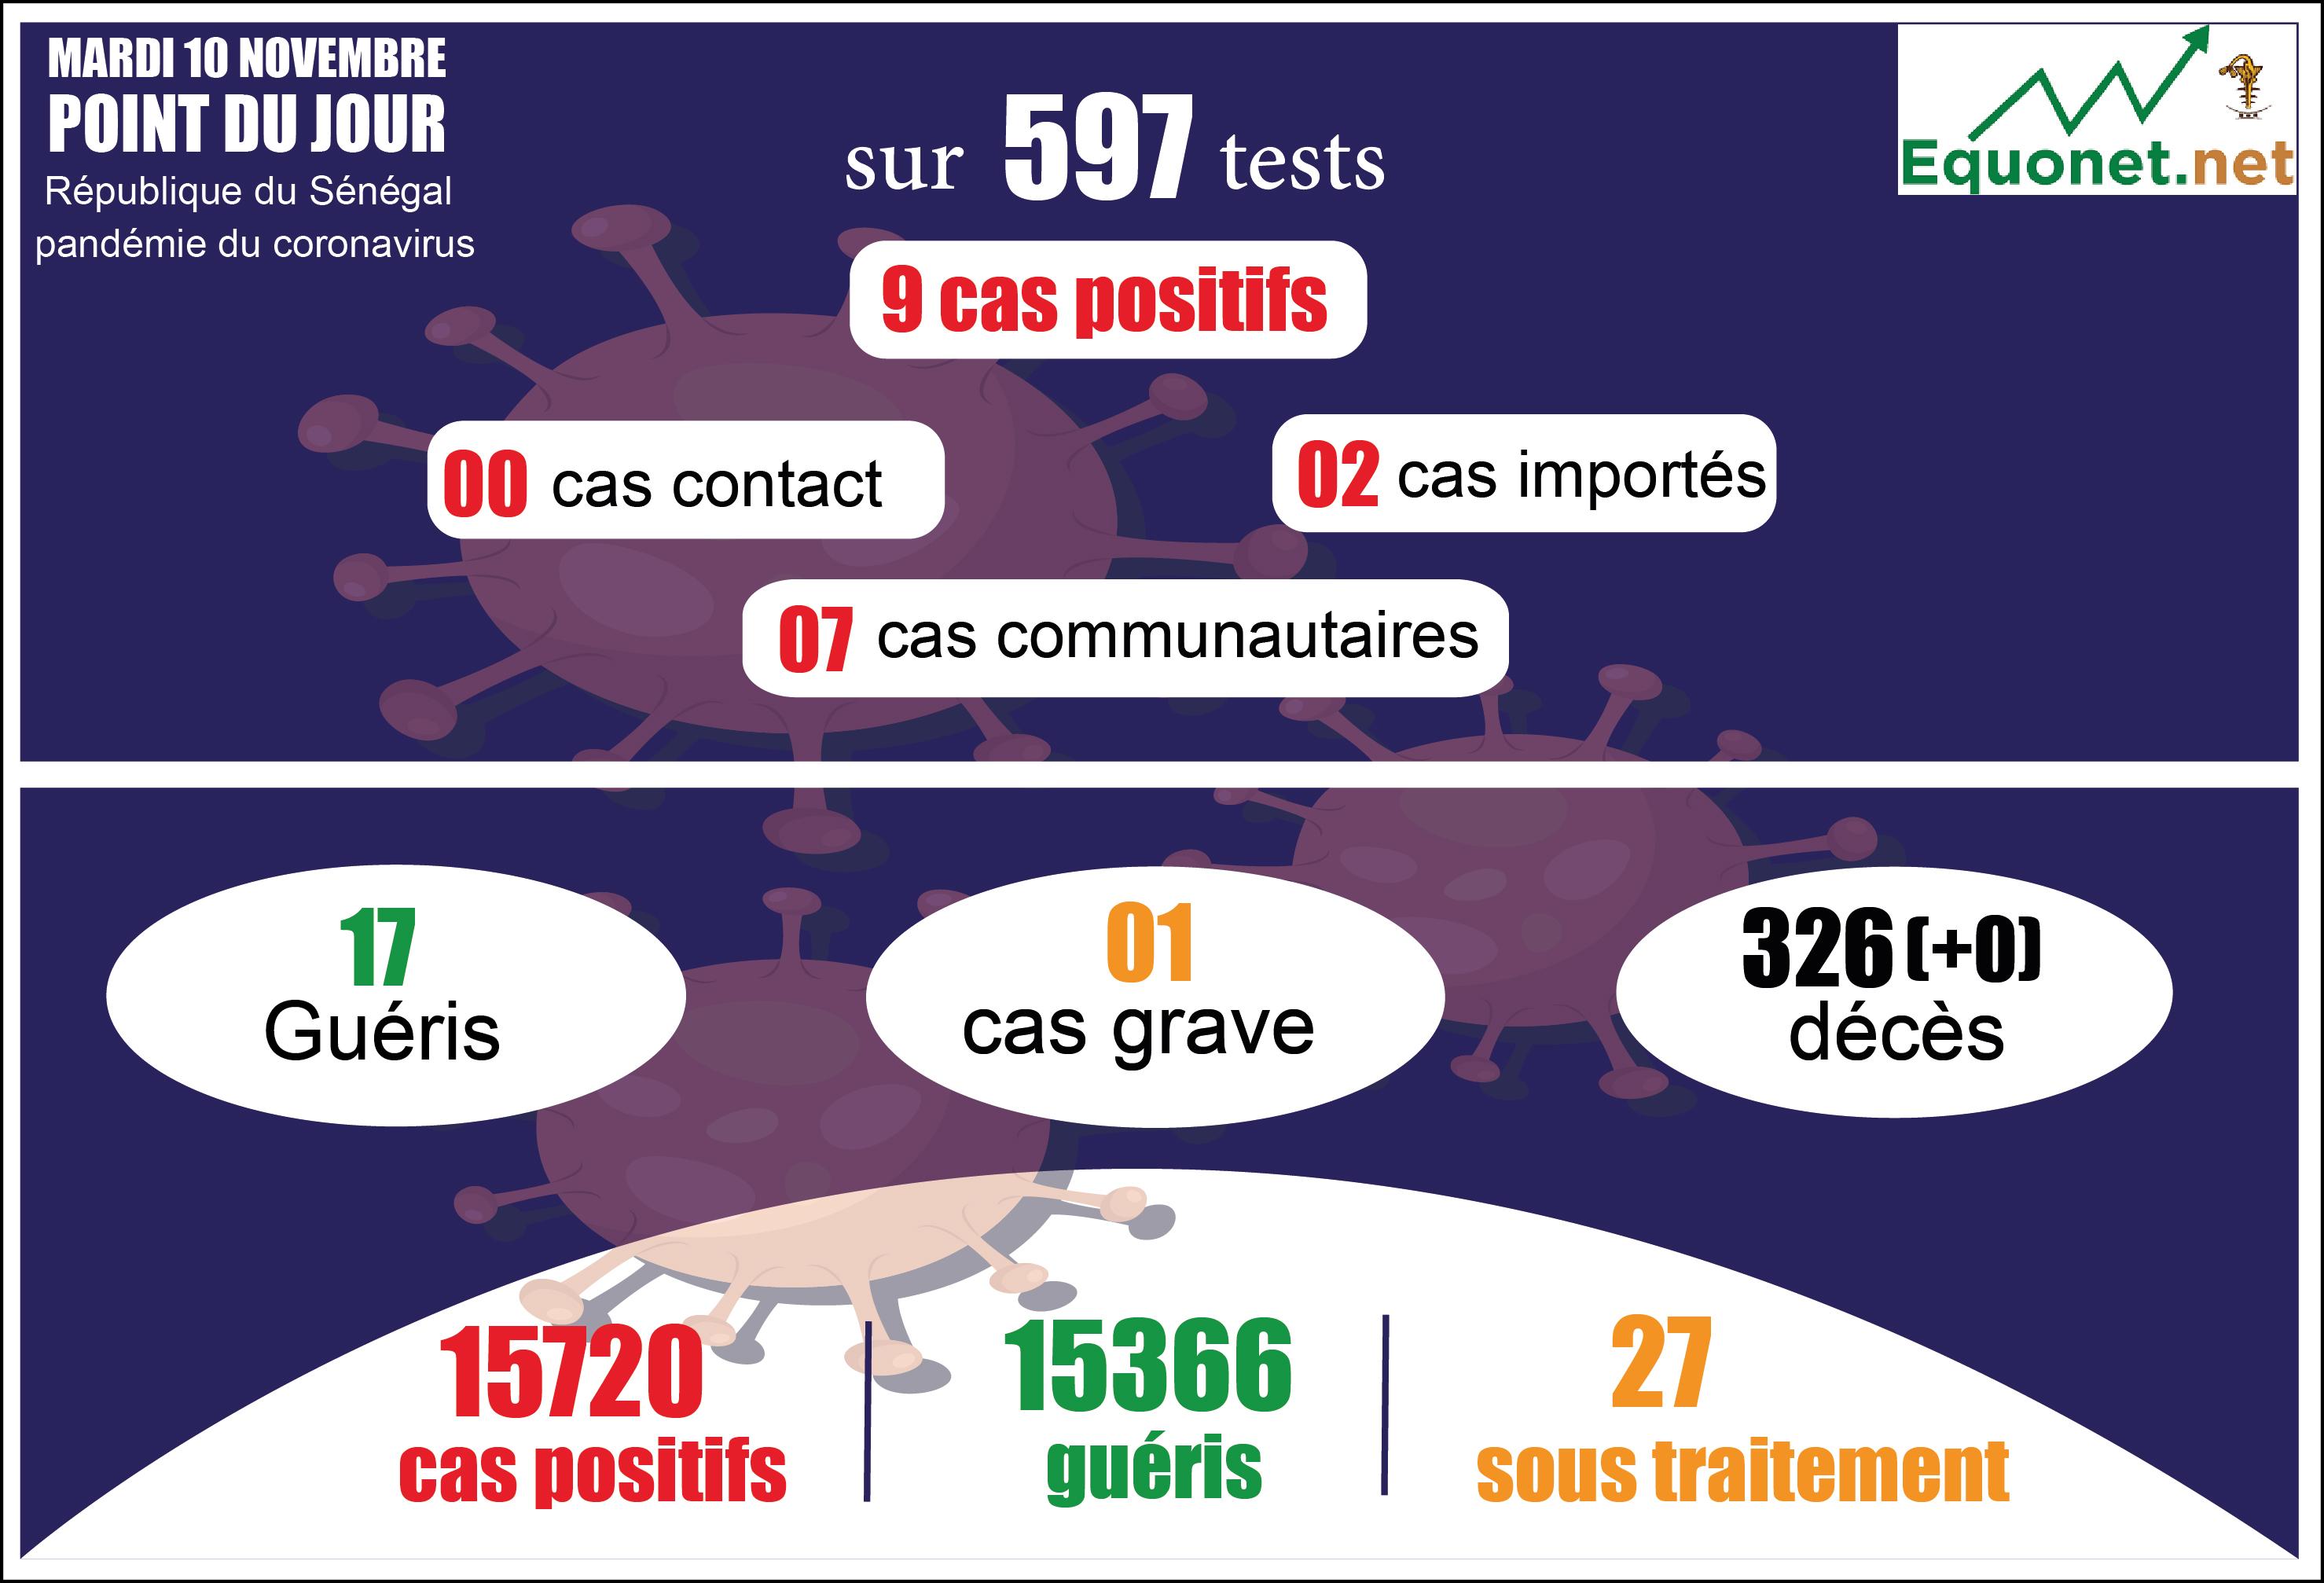 pandémie du coronavirus-covid-19 au sénégal : point de situation du mardi 10 novembre 2020